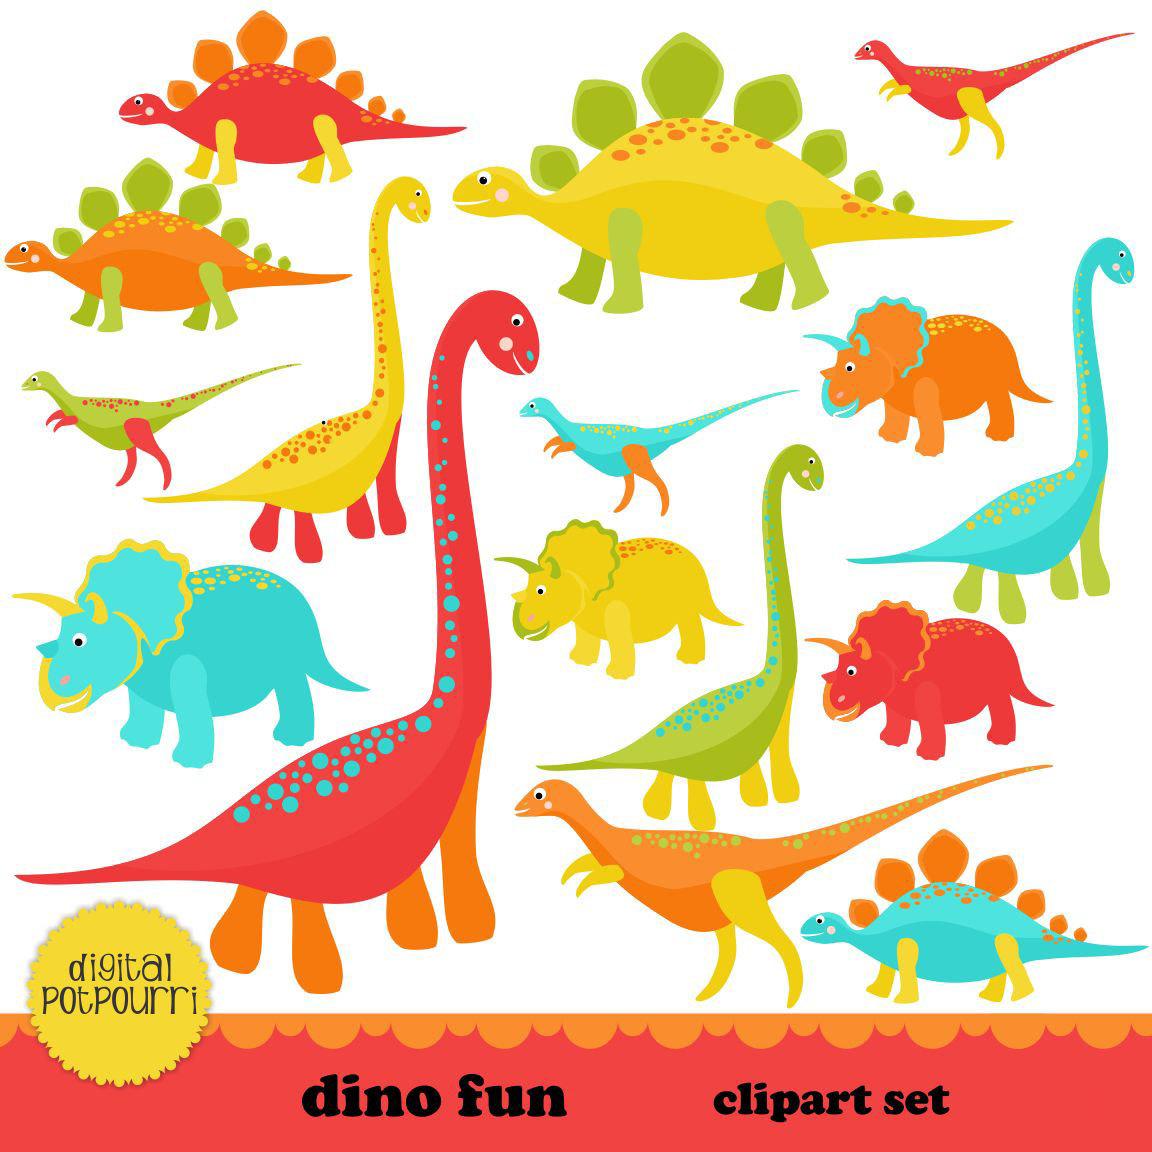 Coture clipart diverse student Set set DOWNLOAD INSTANT dinosaur